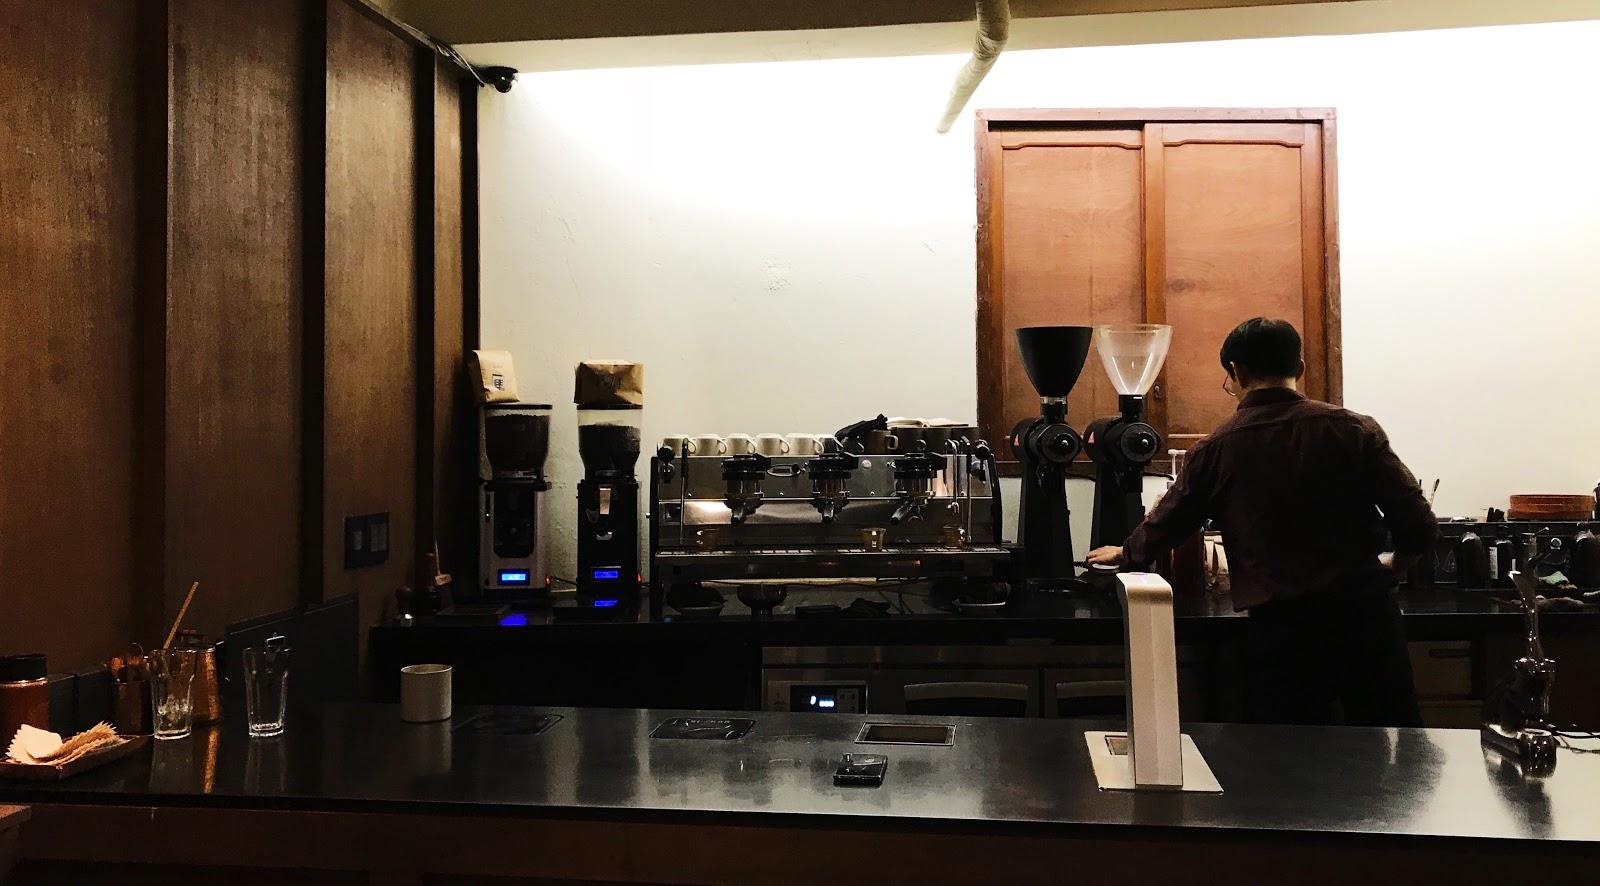 varios molinos de cafe